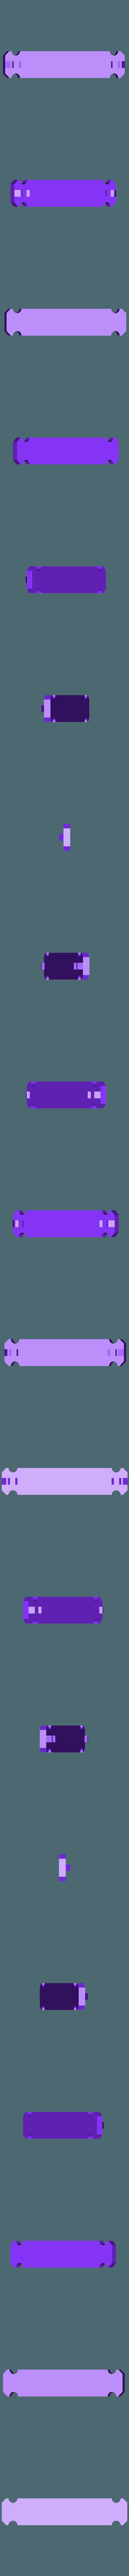 Utilaje_prensa_cables_esc_top.obj Télécharger fichier OBJ gratuit Classe X, Utilaje para soldar cables al ESC • Plan pour impression 3D, PaulDrones